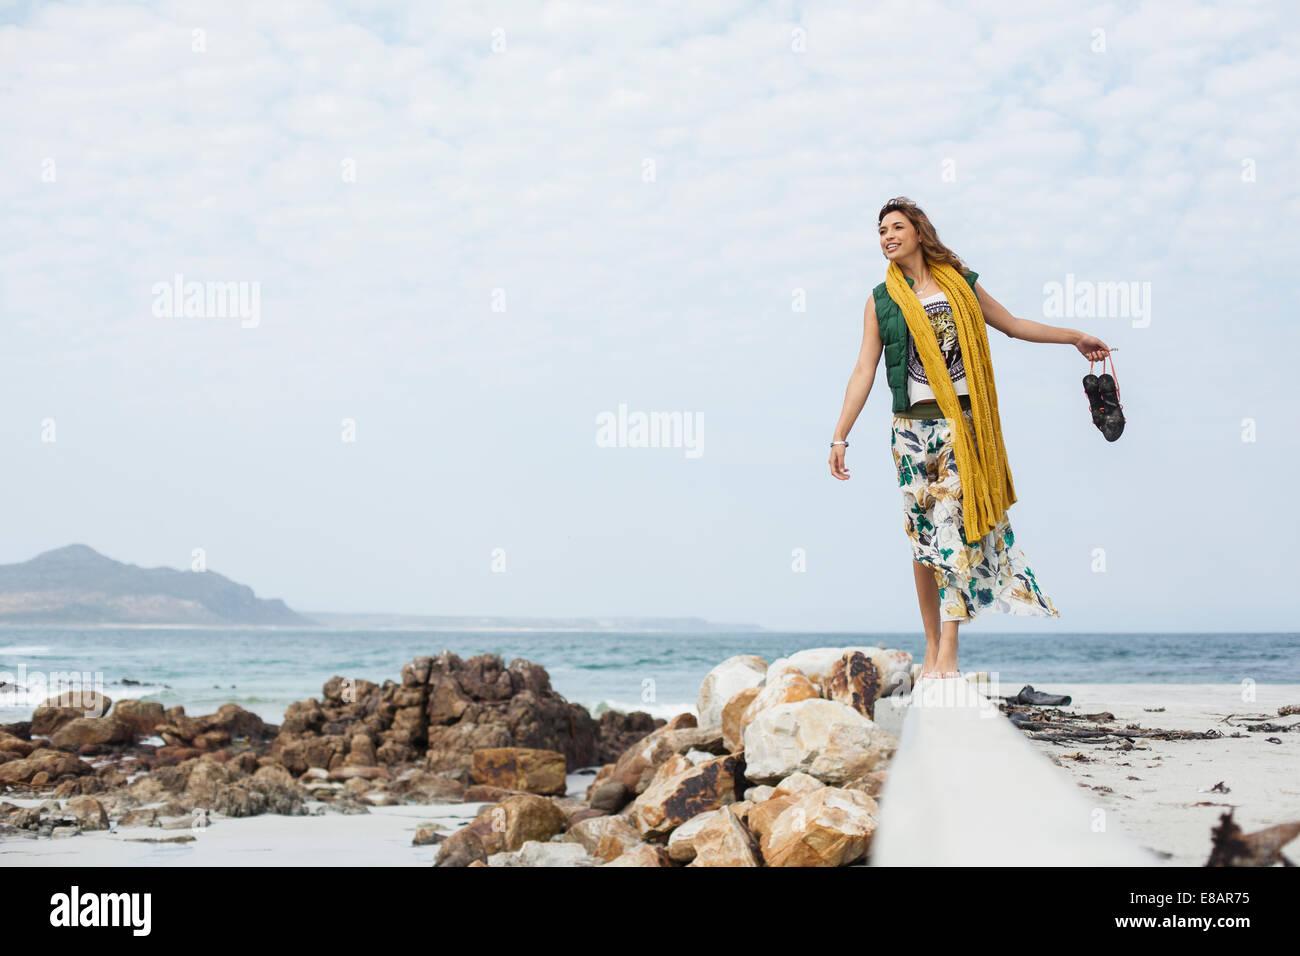 Giovane donna camminando sul blocco di cemento sulla spiaggia, Cape Town, Western Cape, Sud Africa Immagini Stock